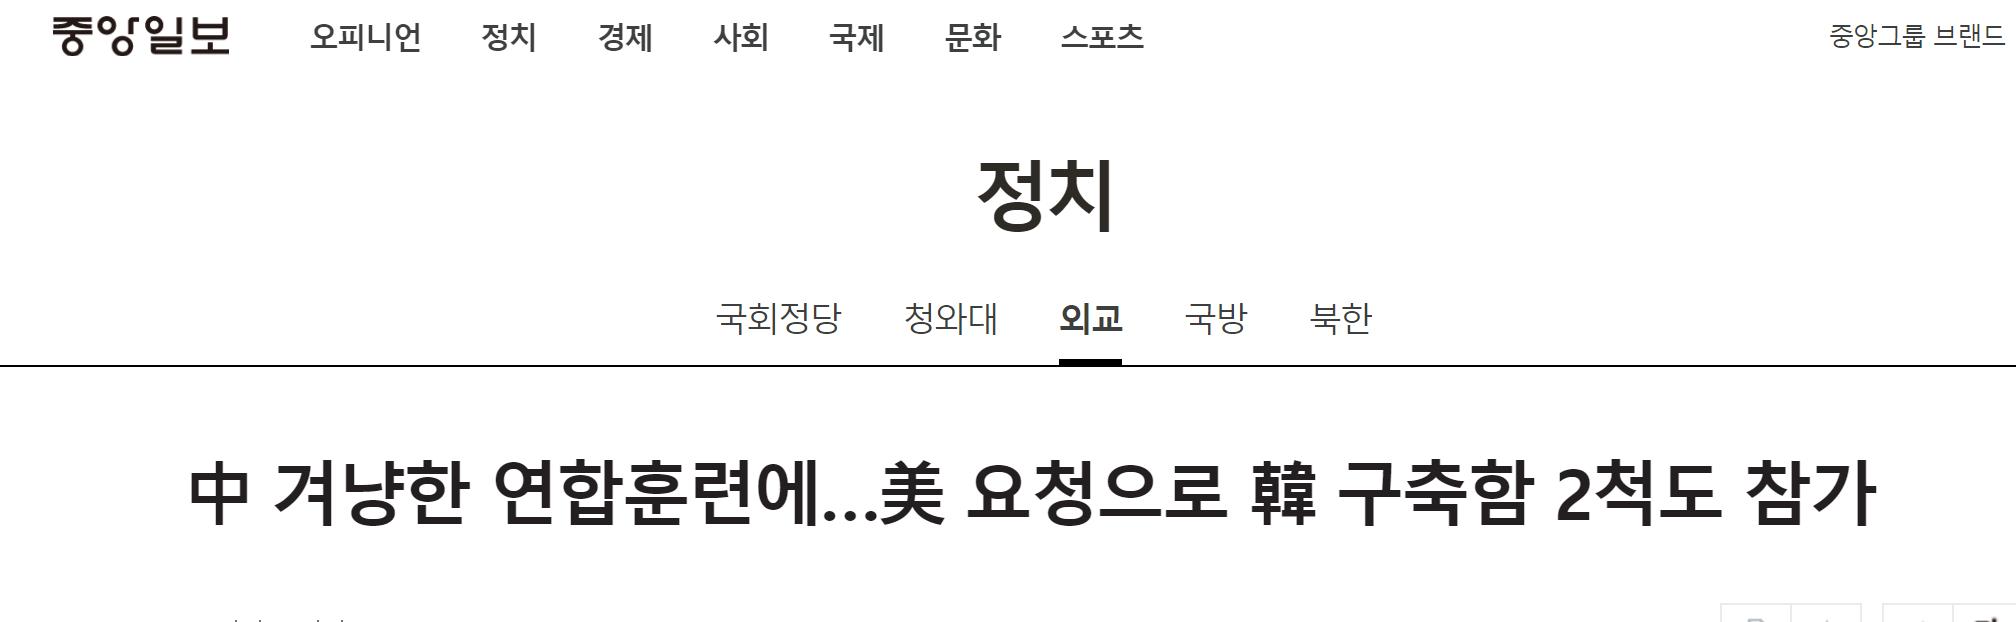 美日韩澳本周末举行海上联合演习,韩媒解读又扯中国图片